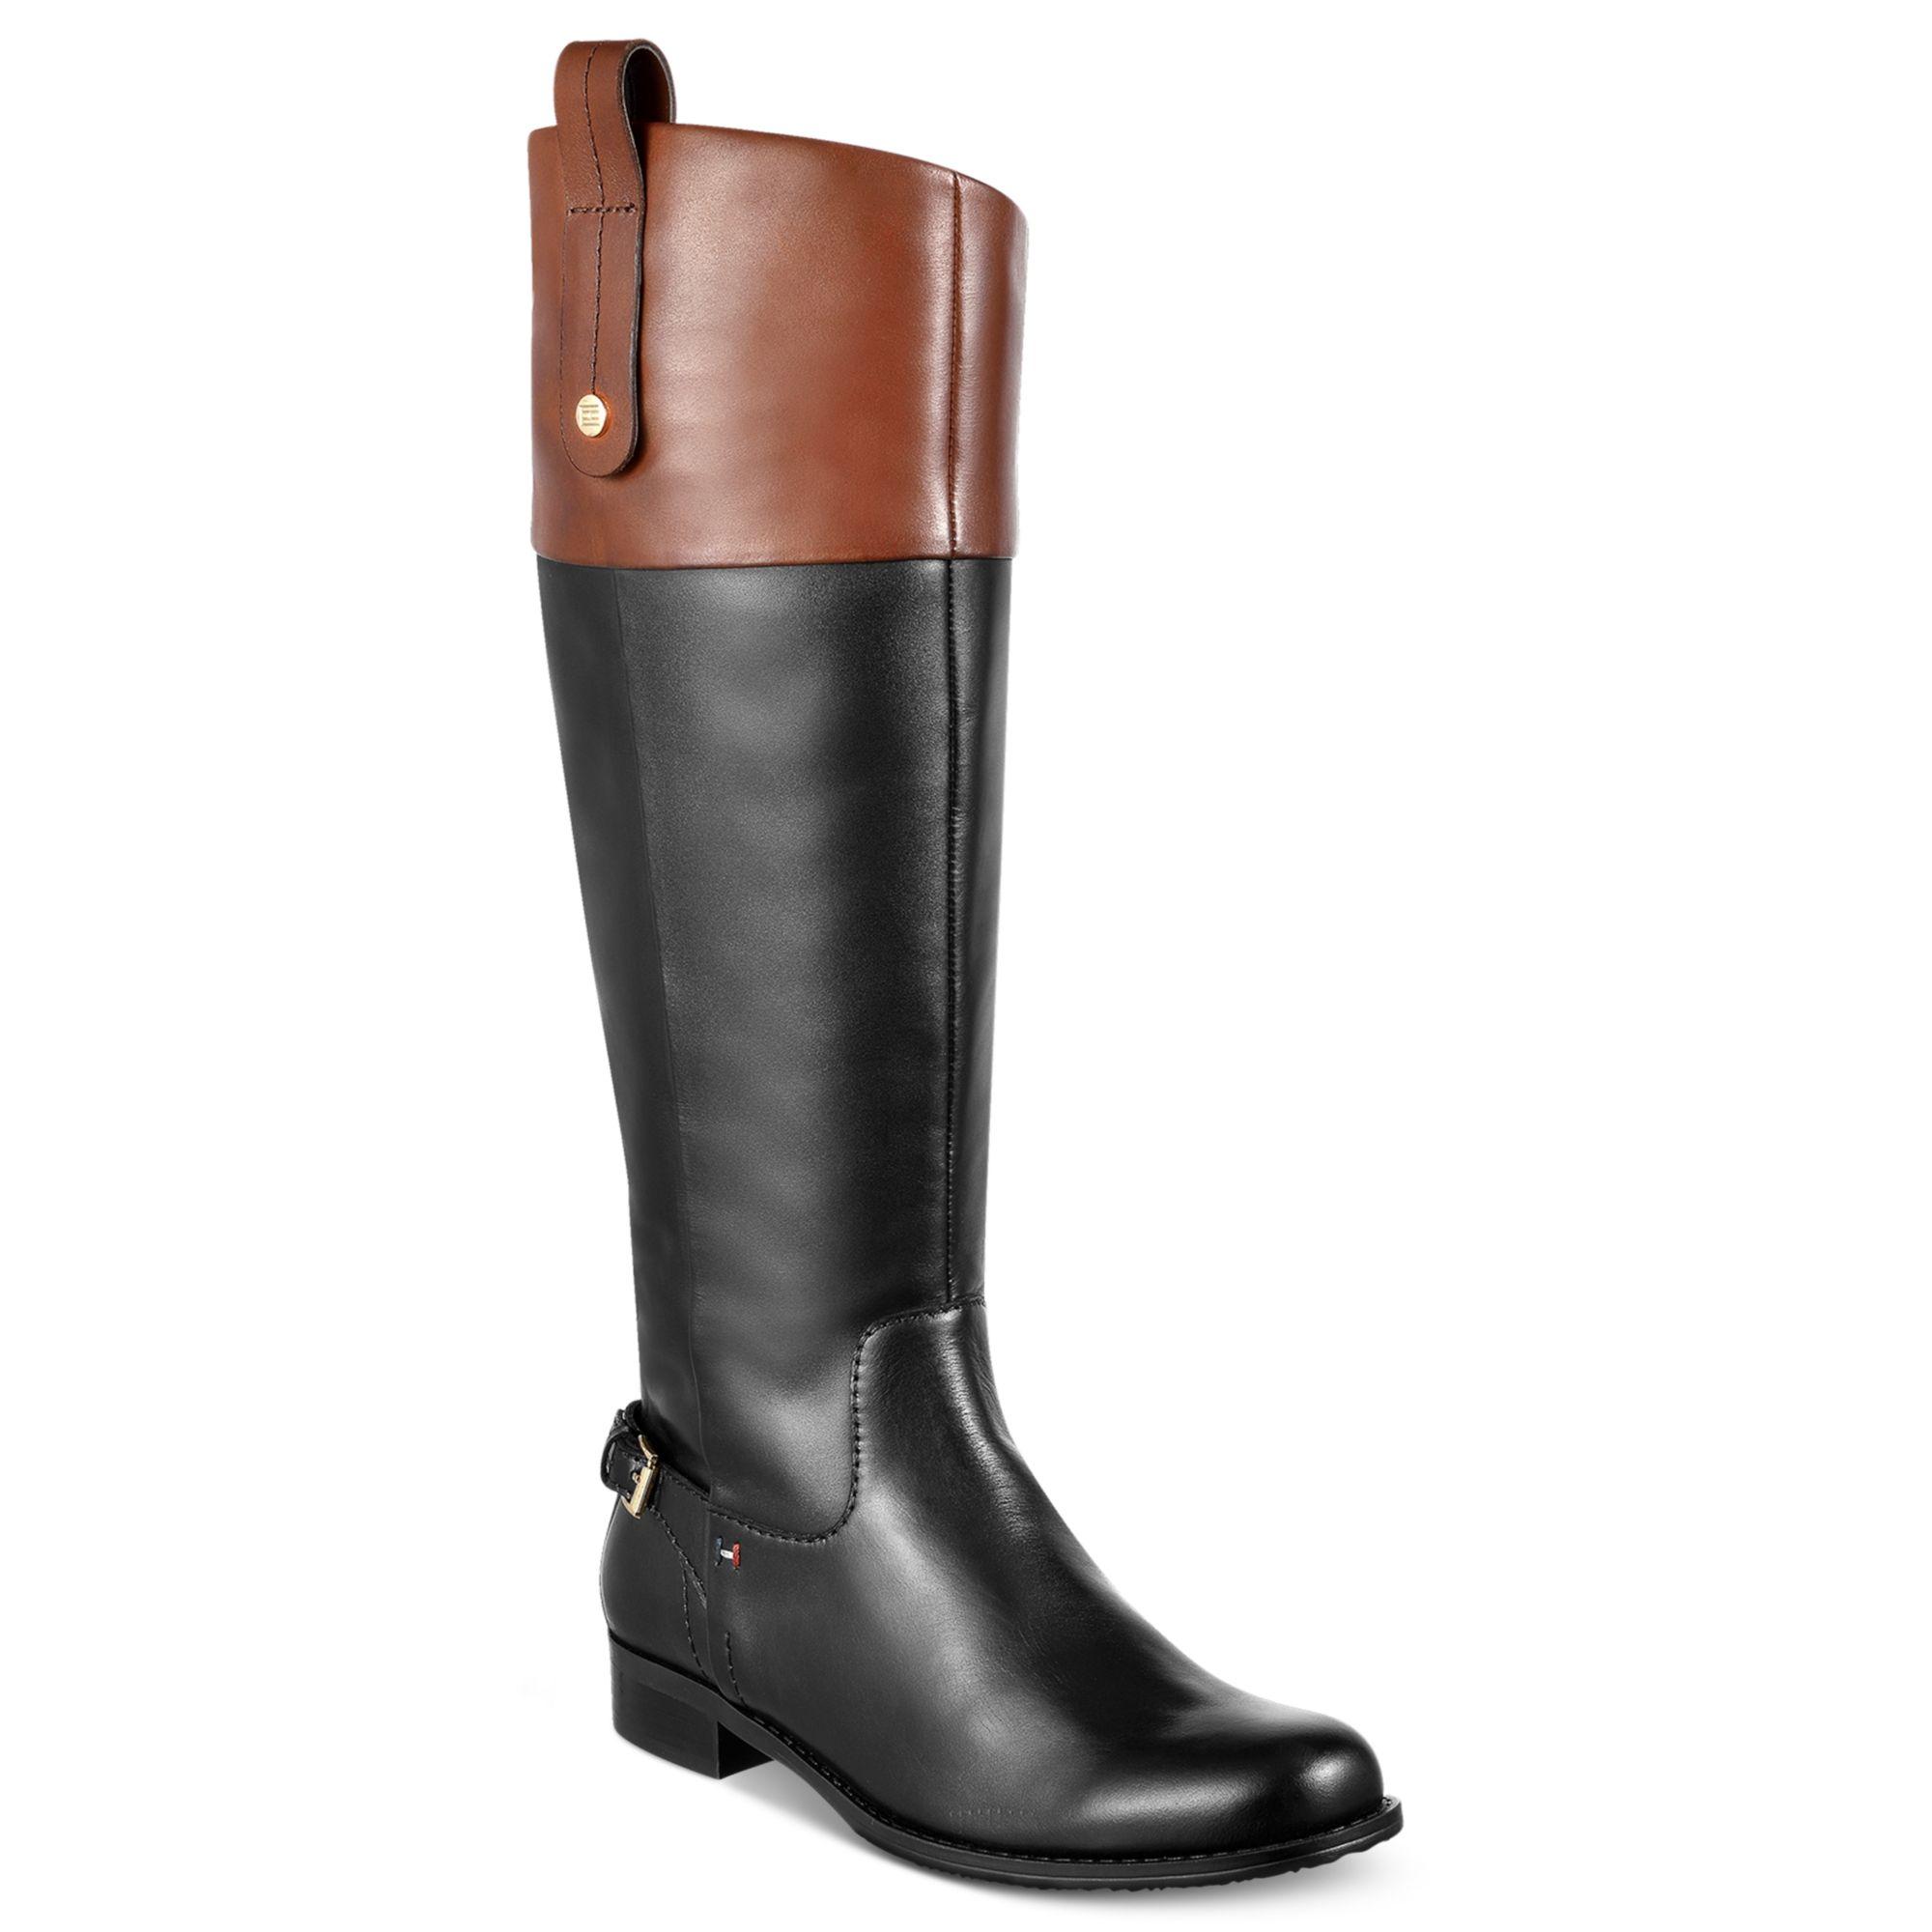 f0d50f79f0c5 Lyst - Tommy Hilfiger Hamden Tall Riding Boots in Black